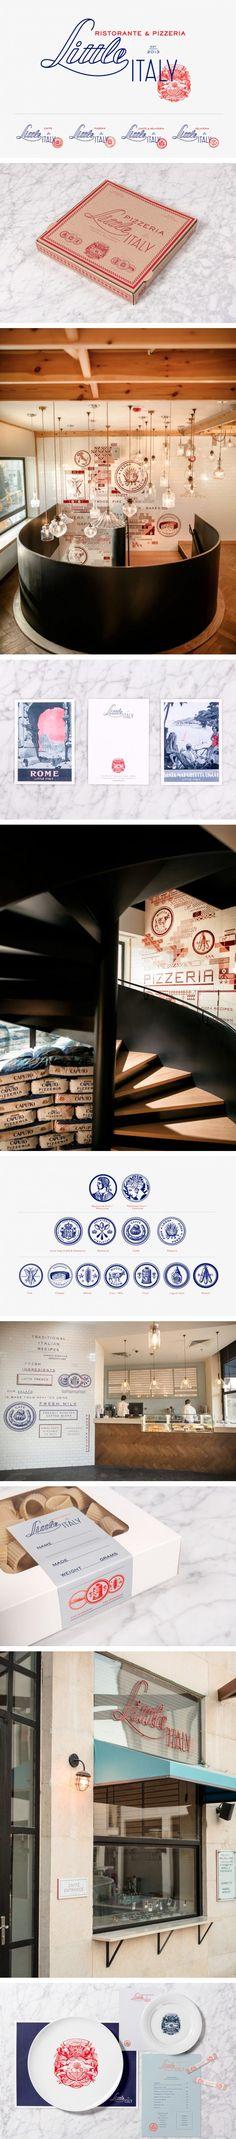 Little Italy Restaurant Branding by Here Design